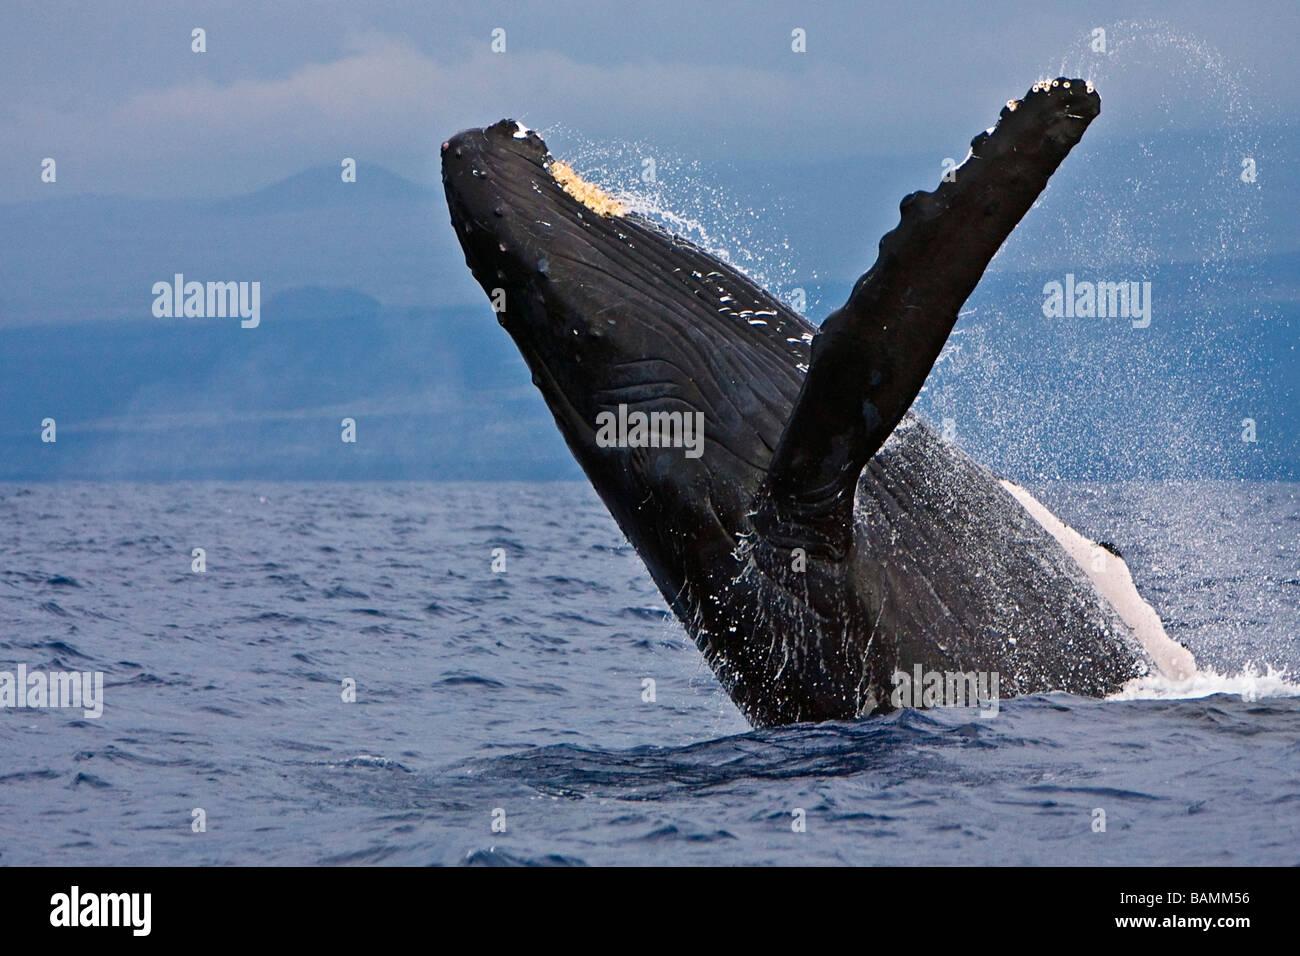 La ballena jorobada, Megaptera novaeangliae Imagen De Stock